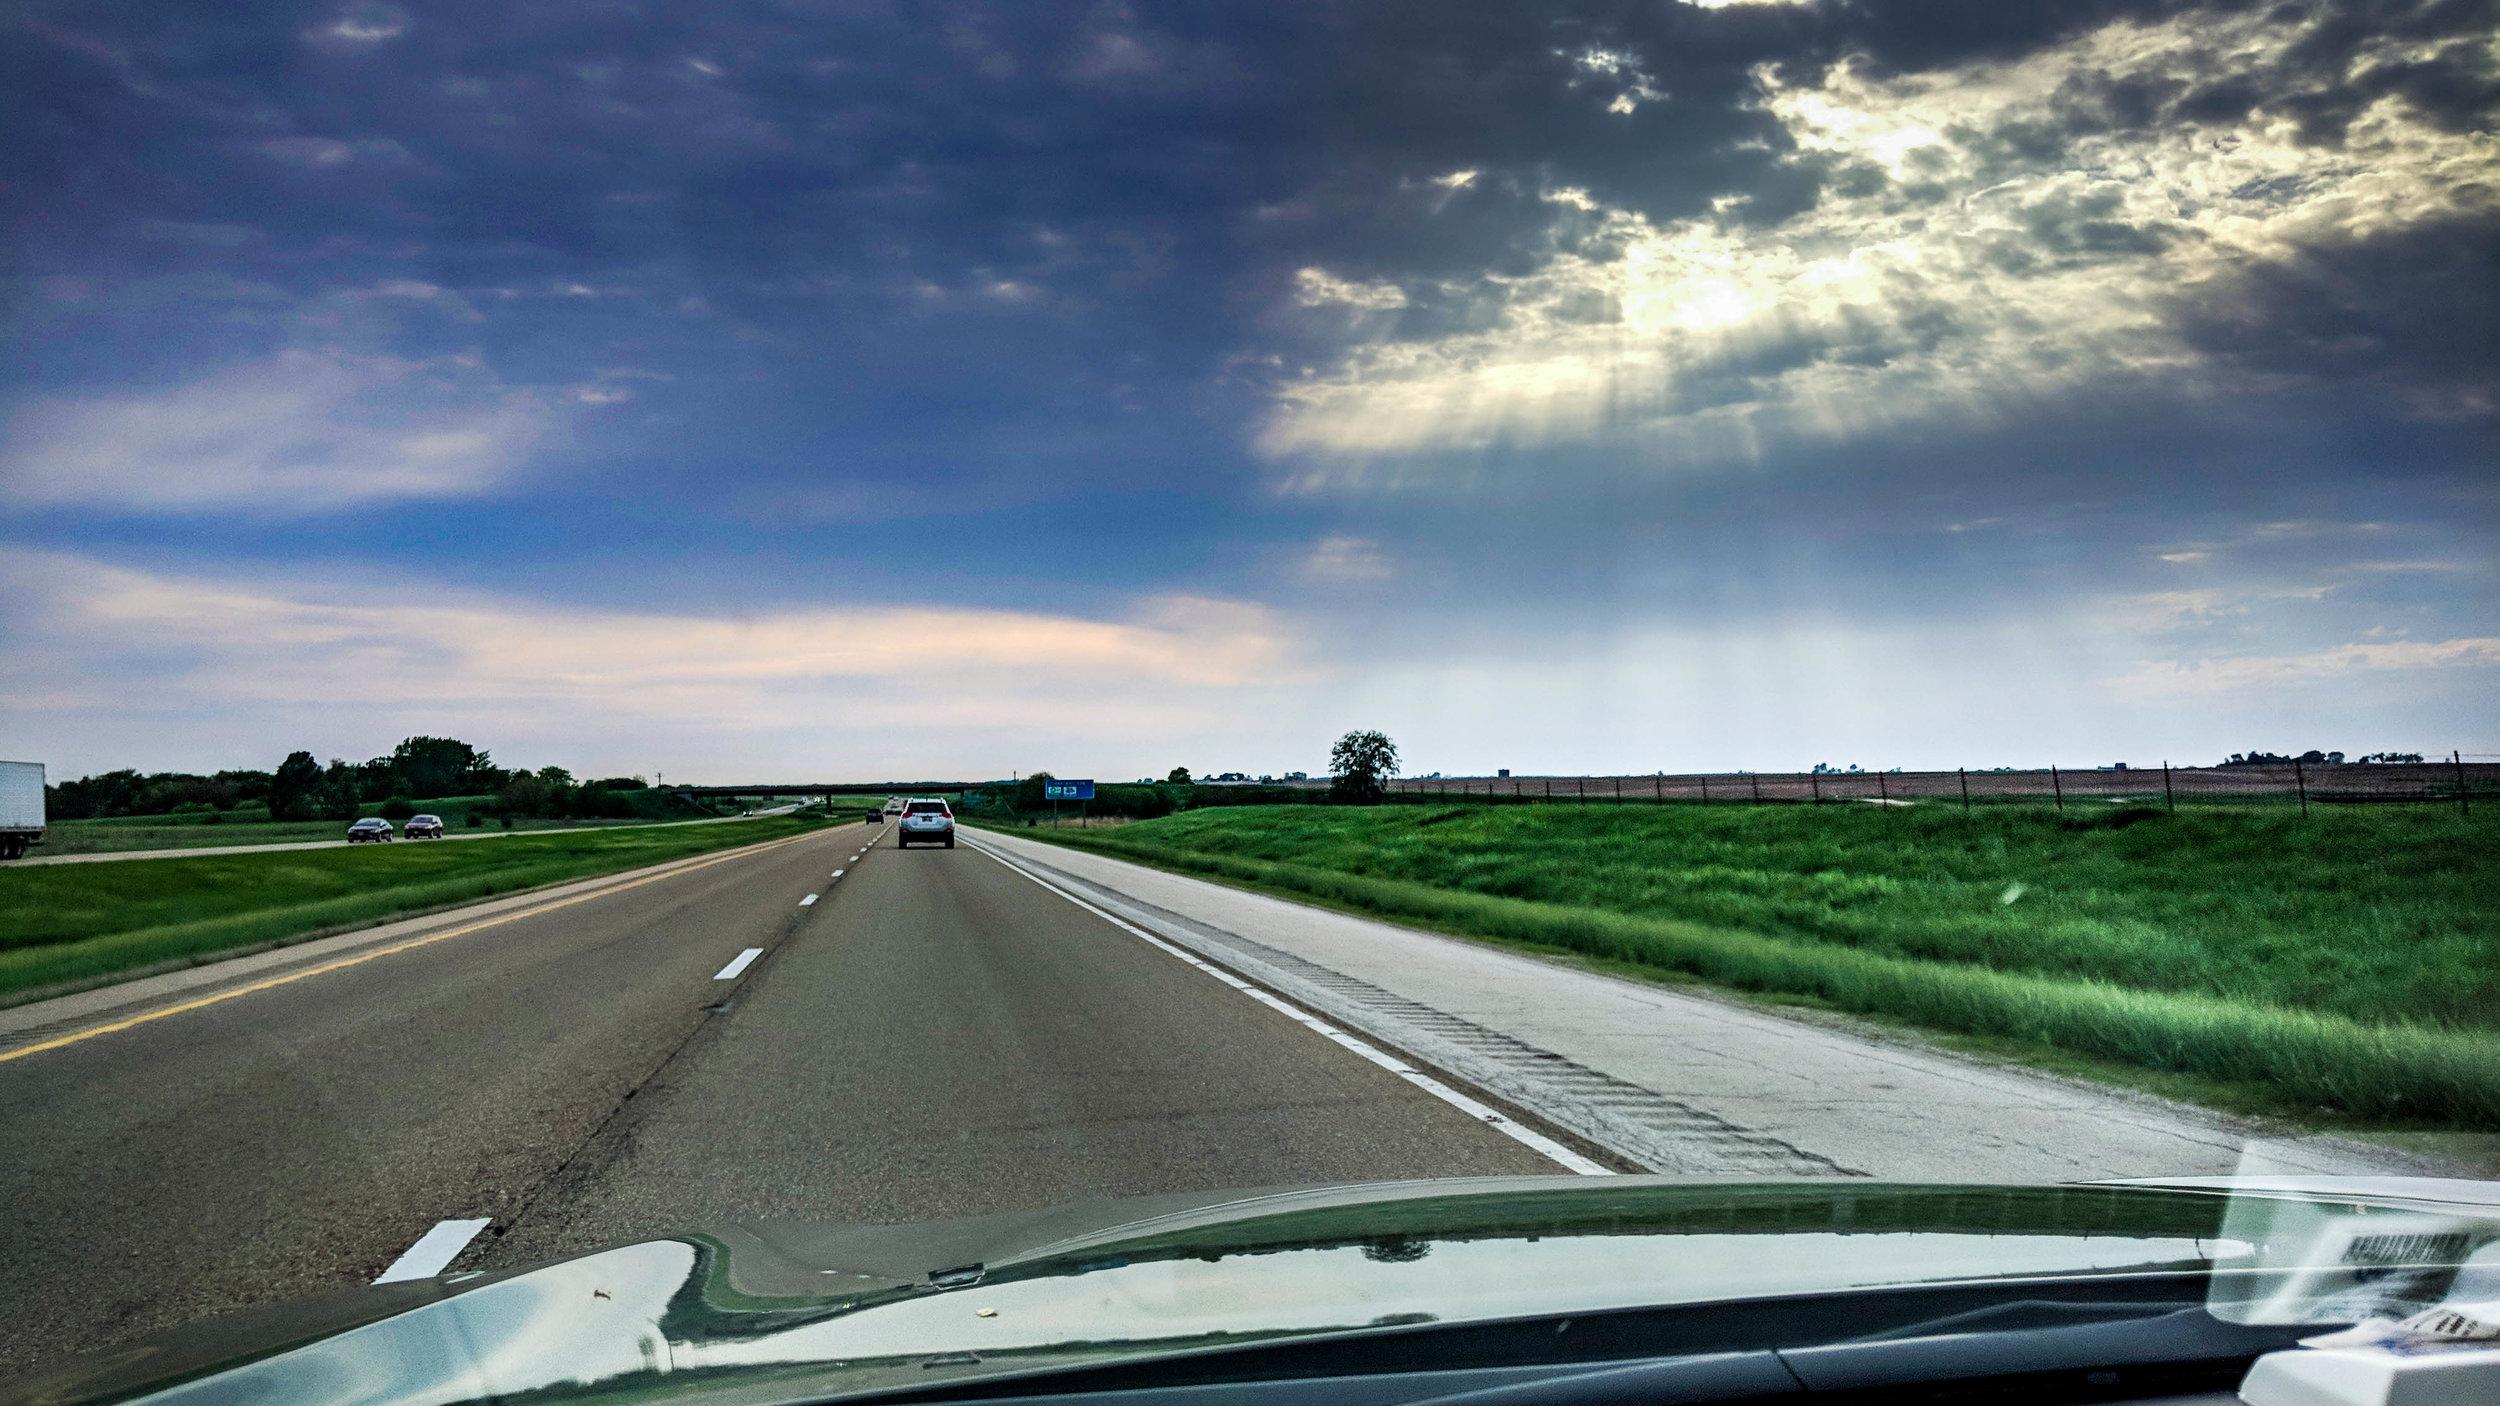 Sun Rays in Illinois